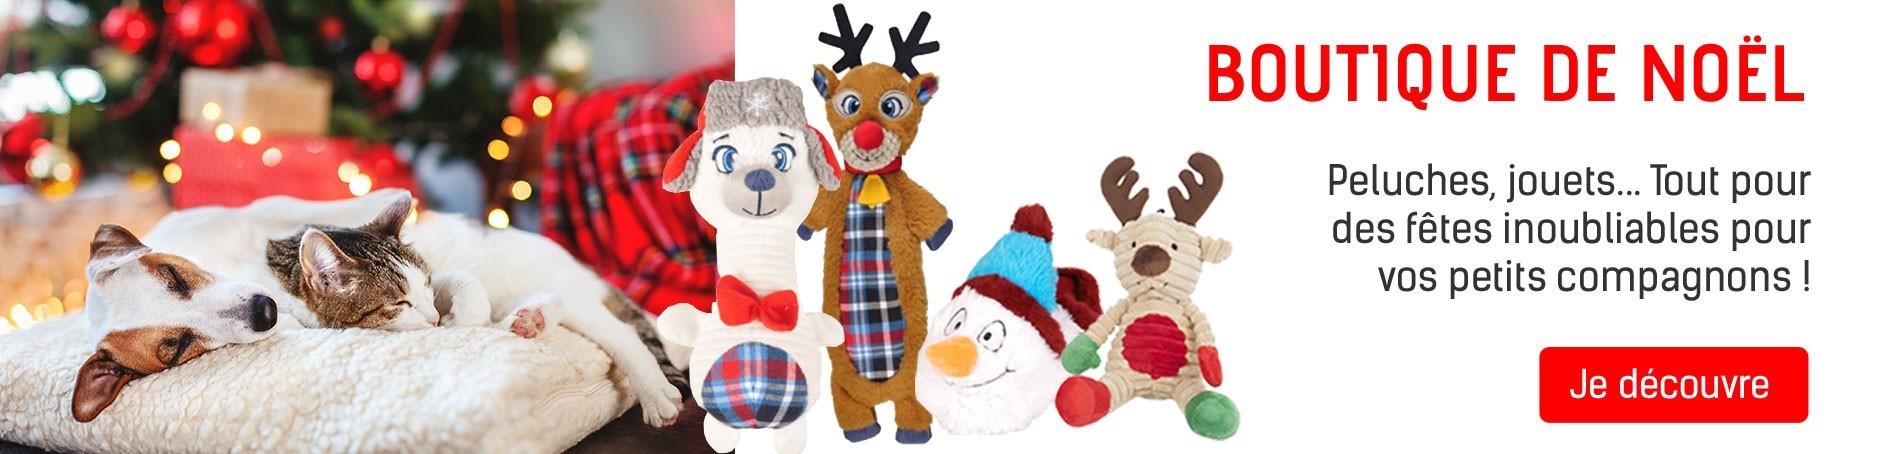 Boutique de Noël : des articles pour faire plaisirs à vos chiens, chats, oiseaux, rongeurs...